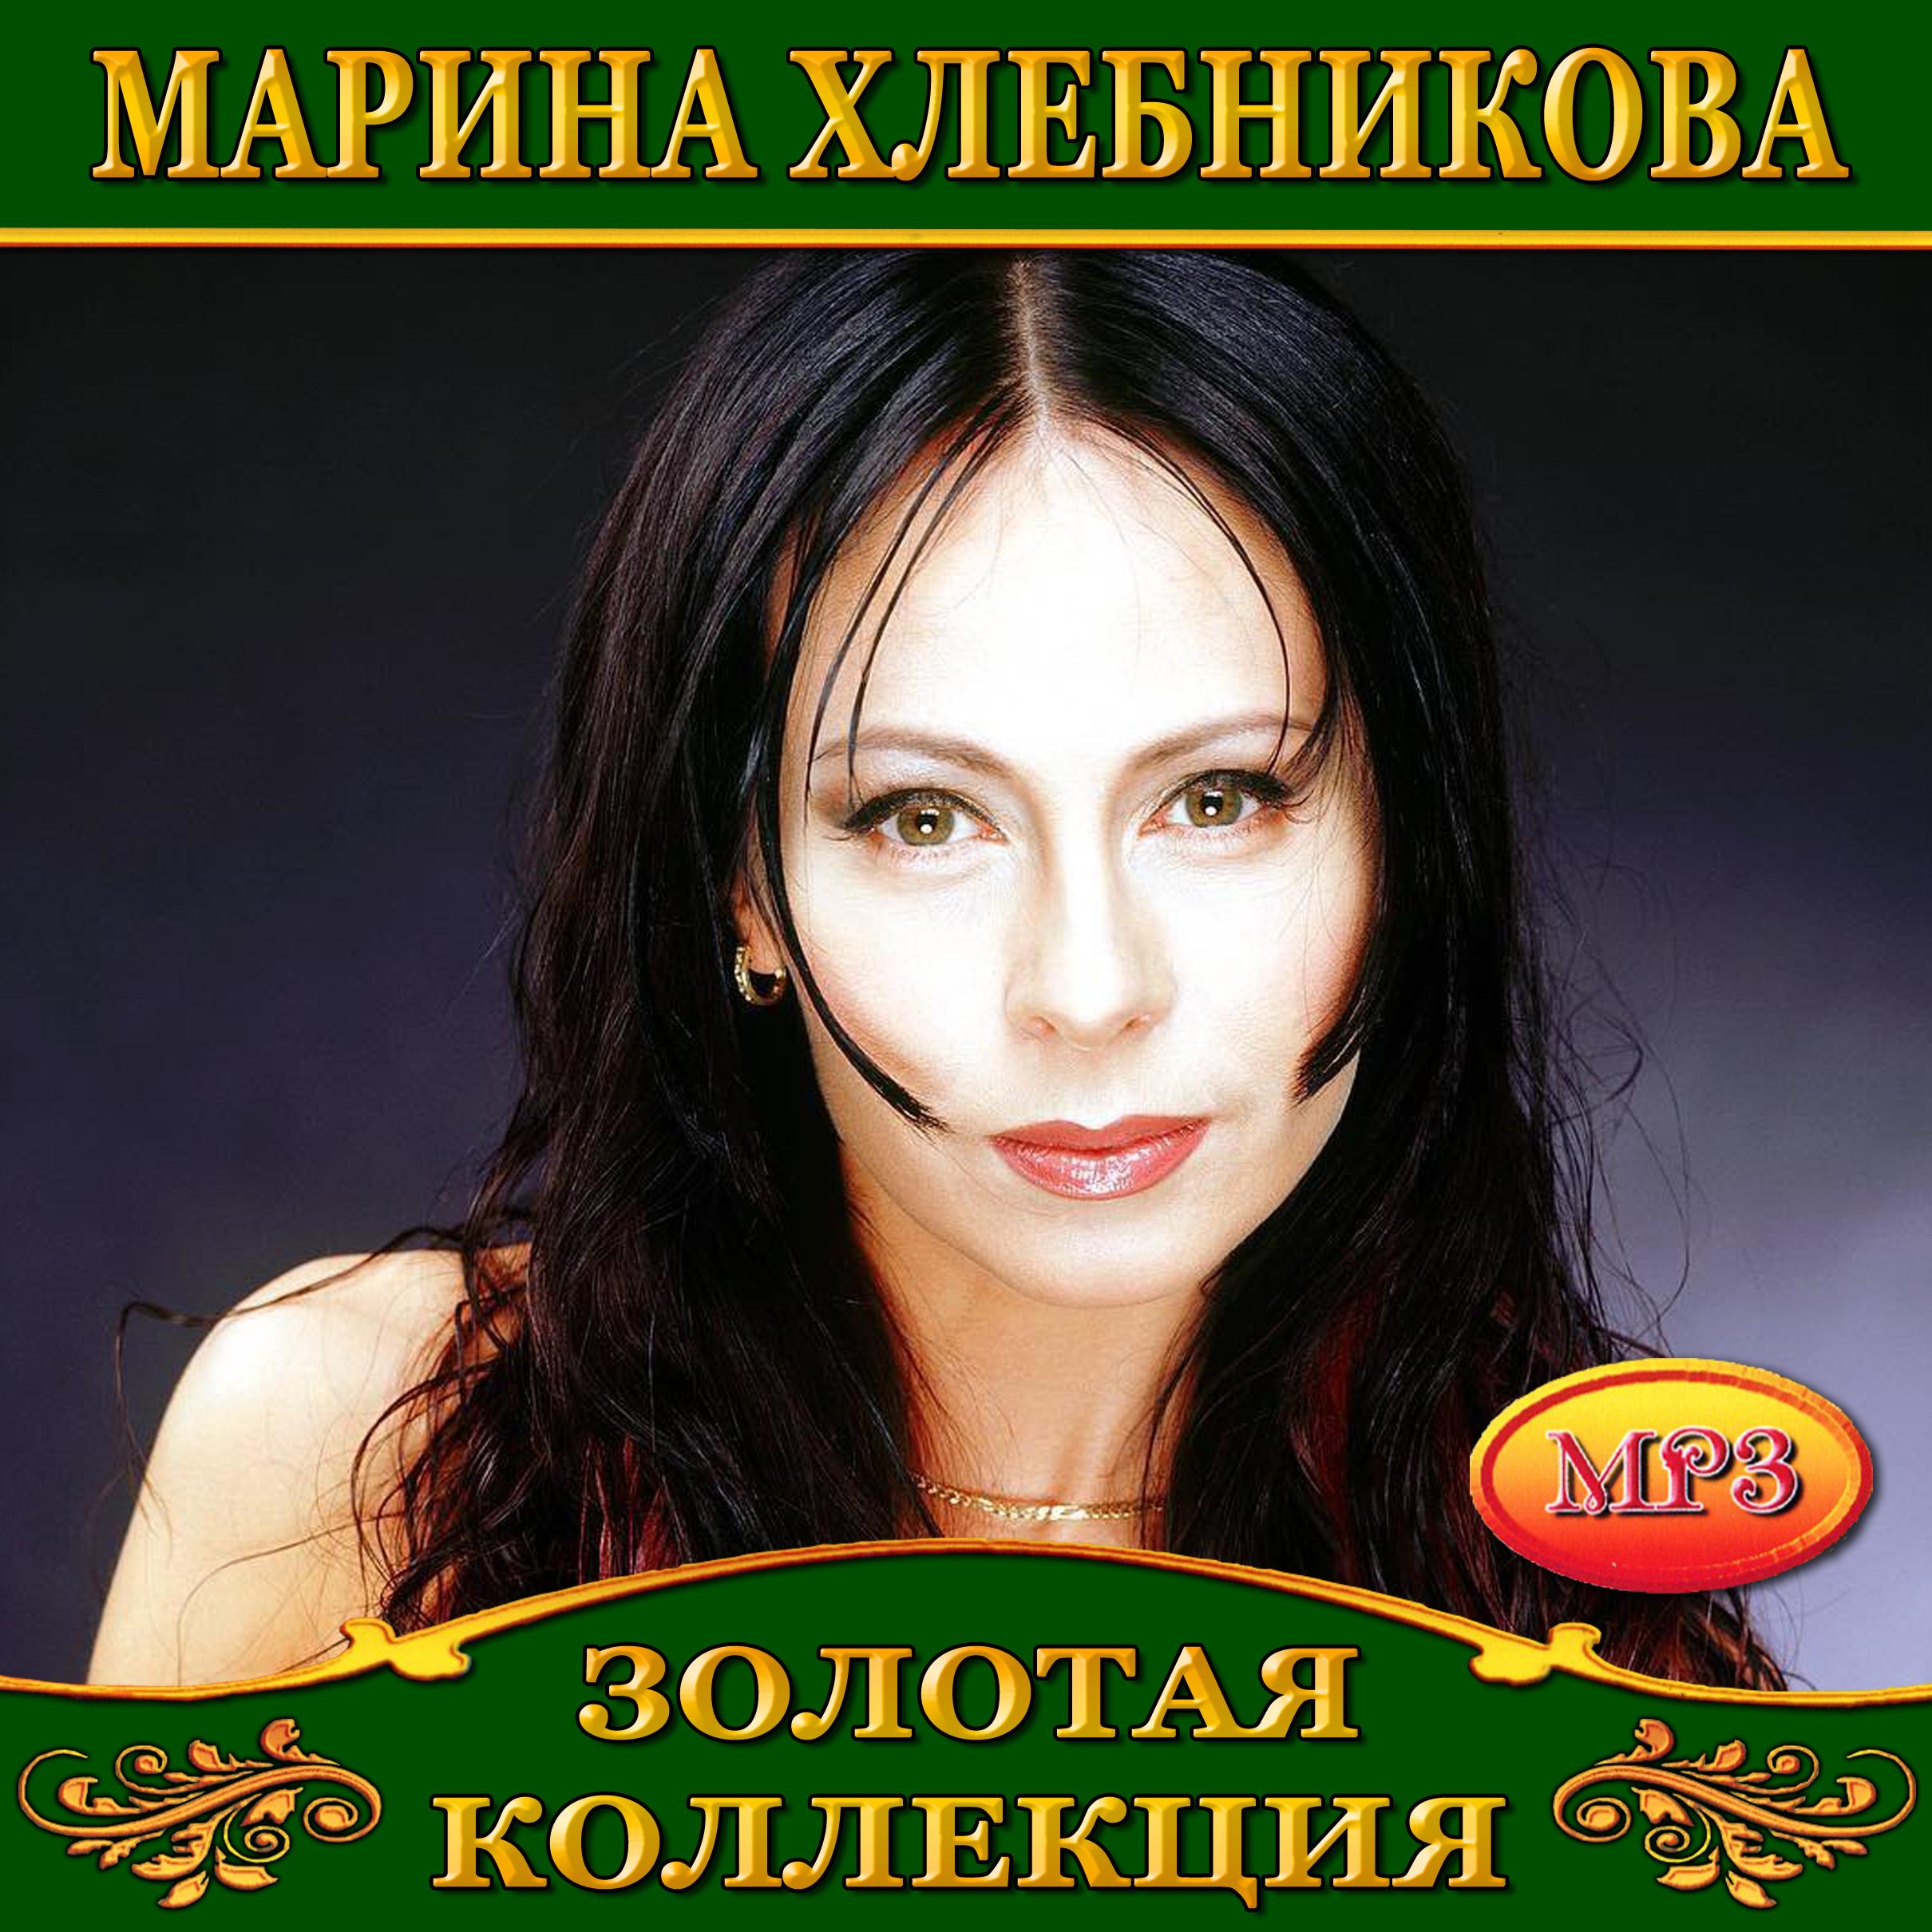 Марина Хлебникова [mp3]